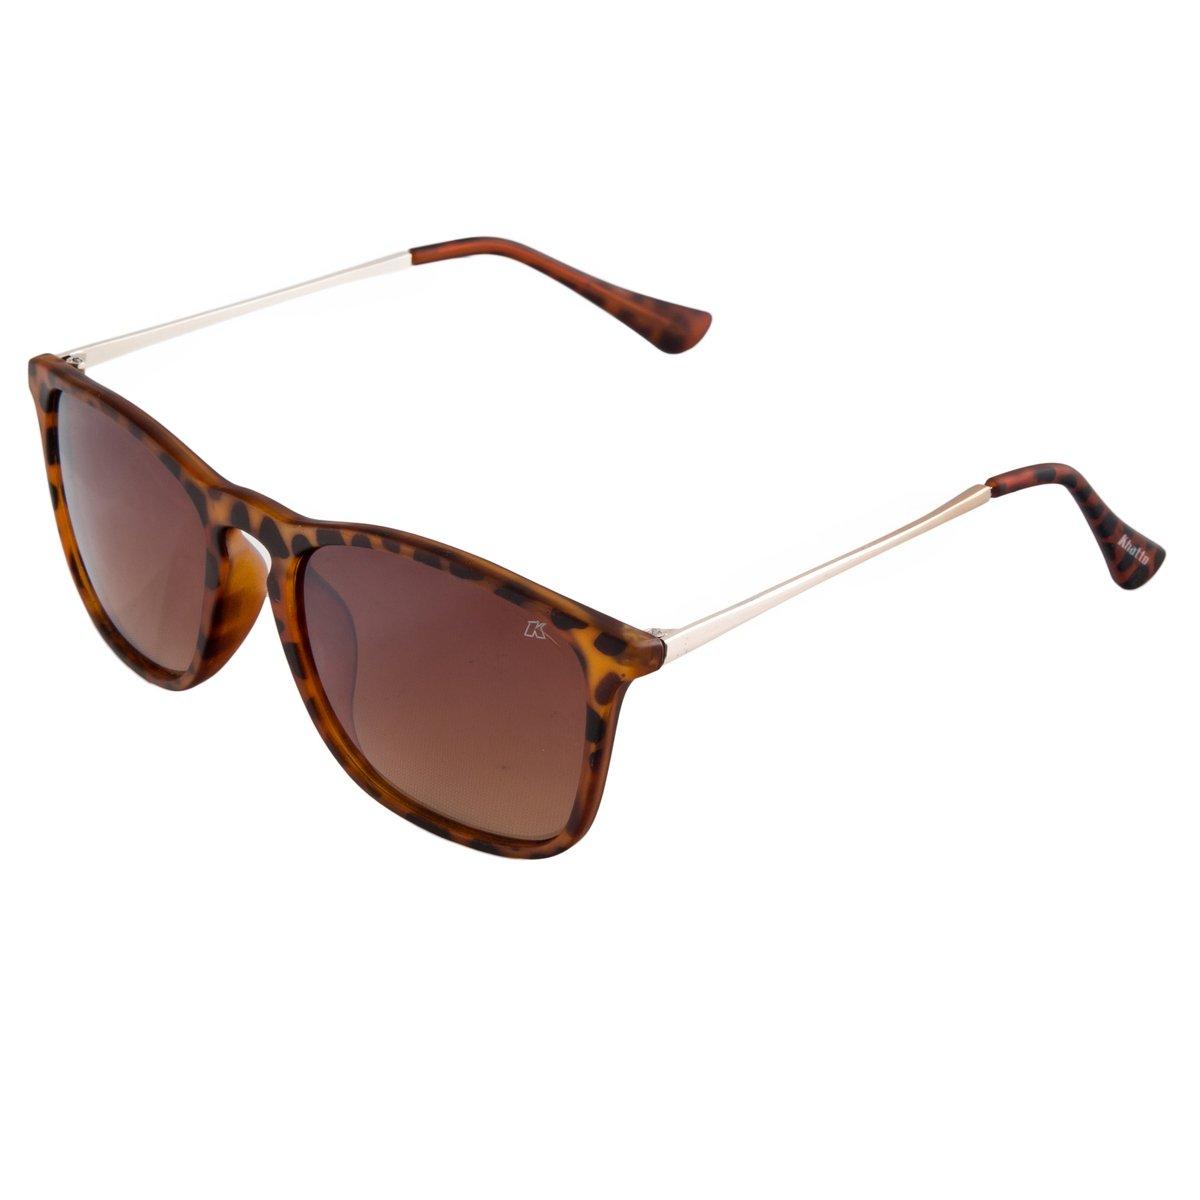 11a158dbe345d Óculos de Sol Khatto 4416 - Compre Agora   Netshoes